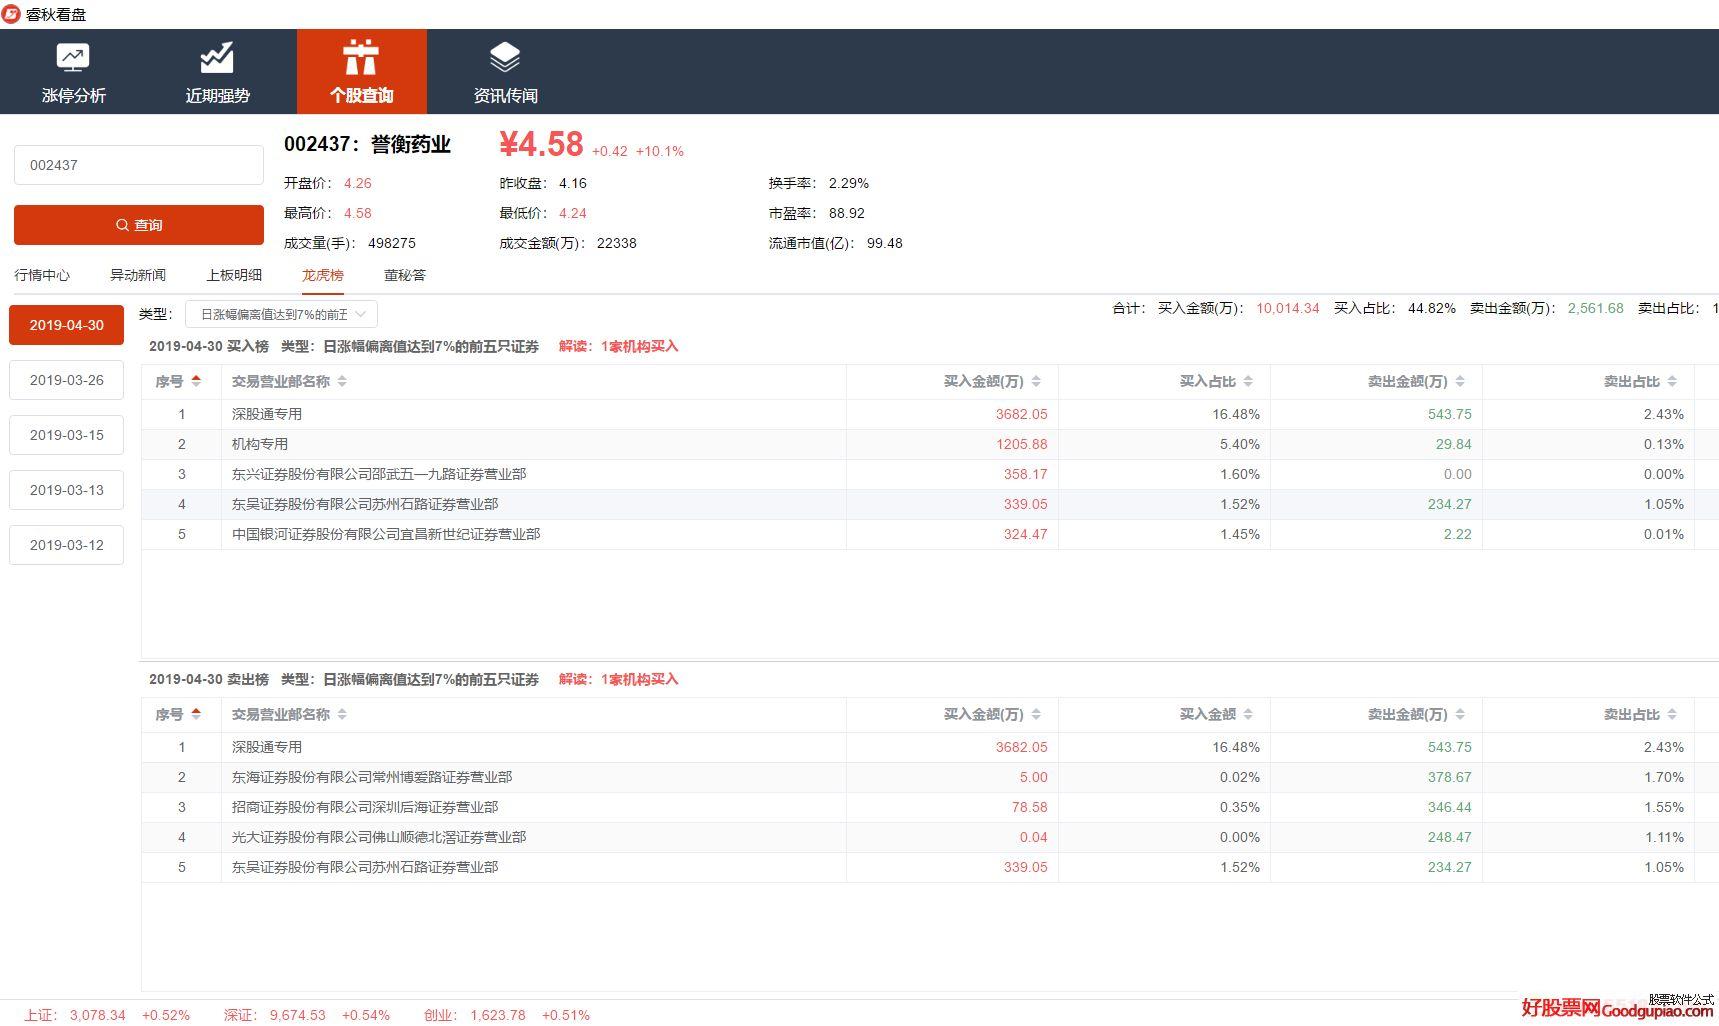 睿秋看盘——清爽免费看龙虎数据的看盘软件